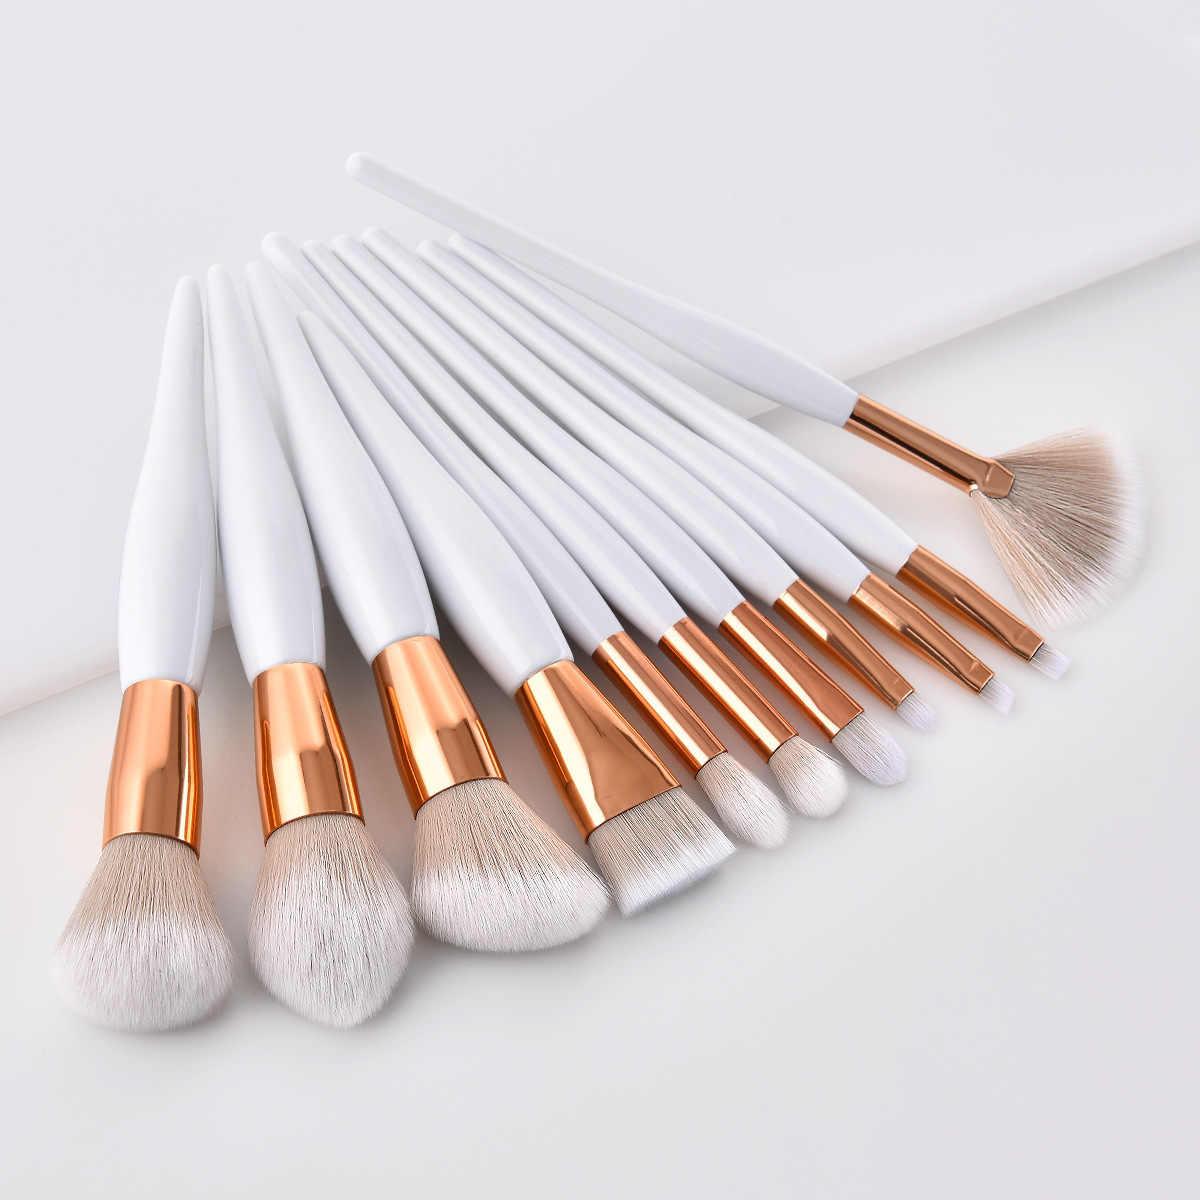 Brochas de maquillaje profesionales de alta calidad sombra de ojos cejas maquillaje en polvo base maquillaje pincel lápiz cosmético